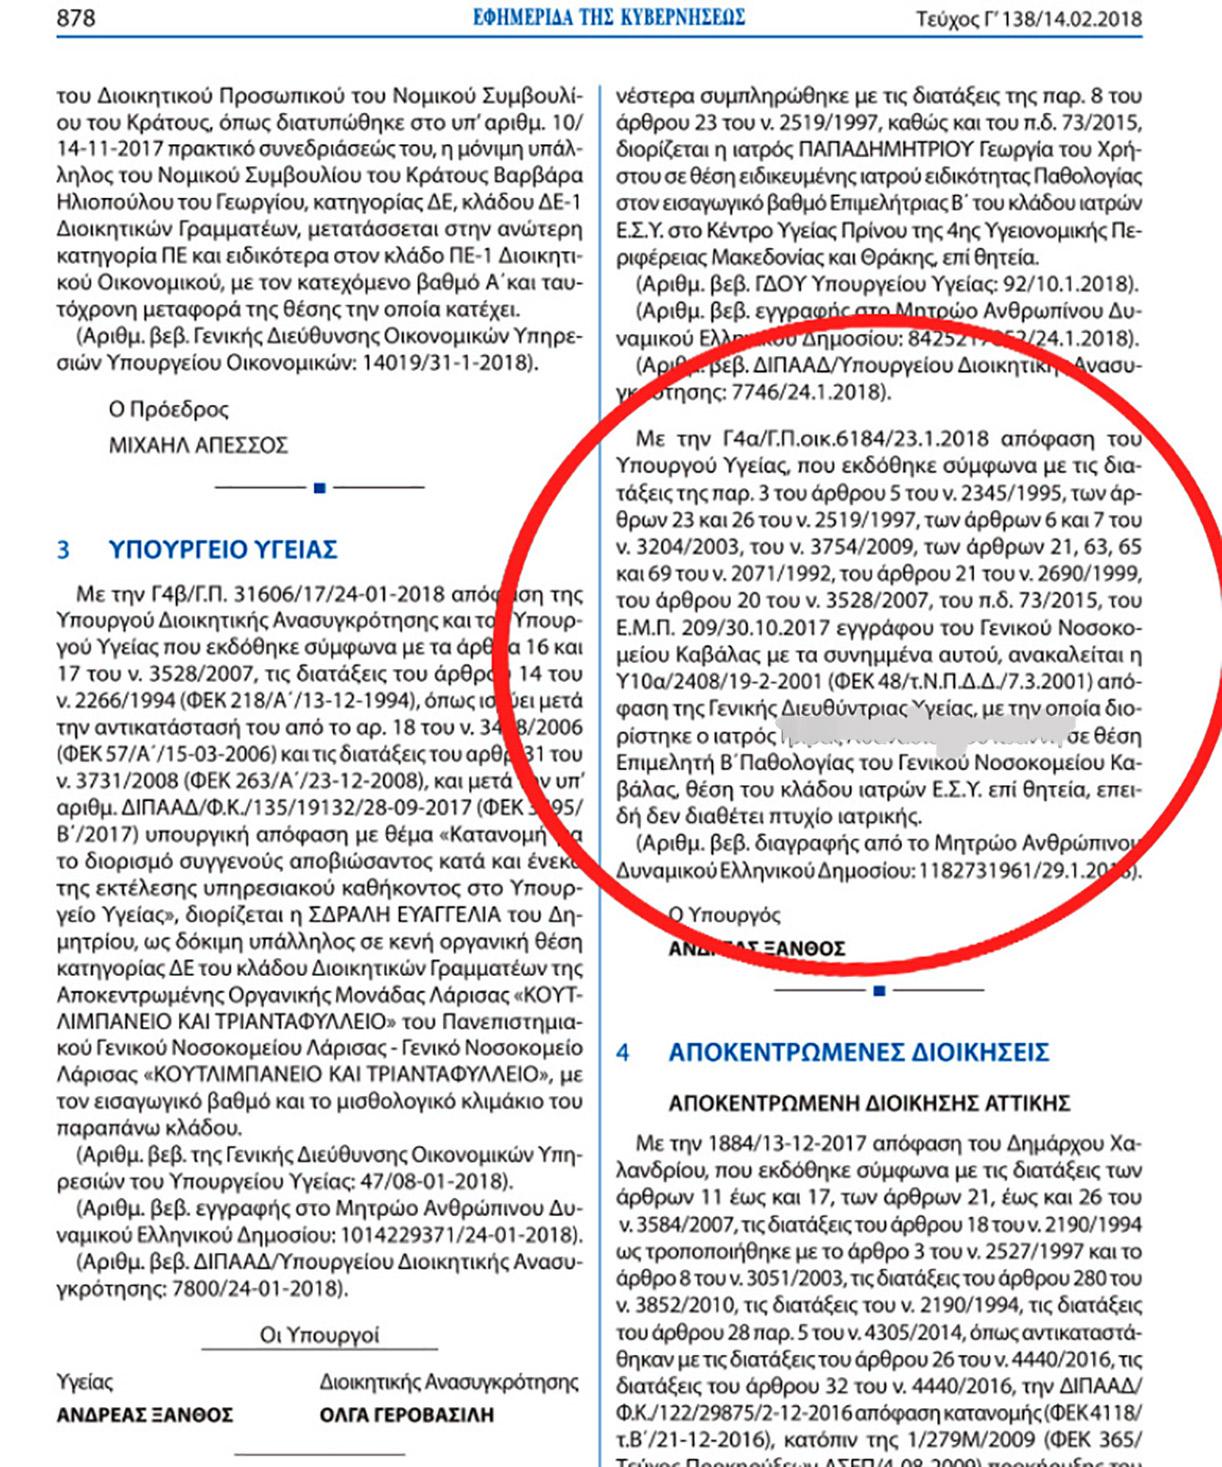 ergazotan-gia-17-chronia-os-giatros-sto-nosokomeio-kavalas-choris-na-echei-ptychio1